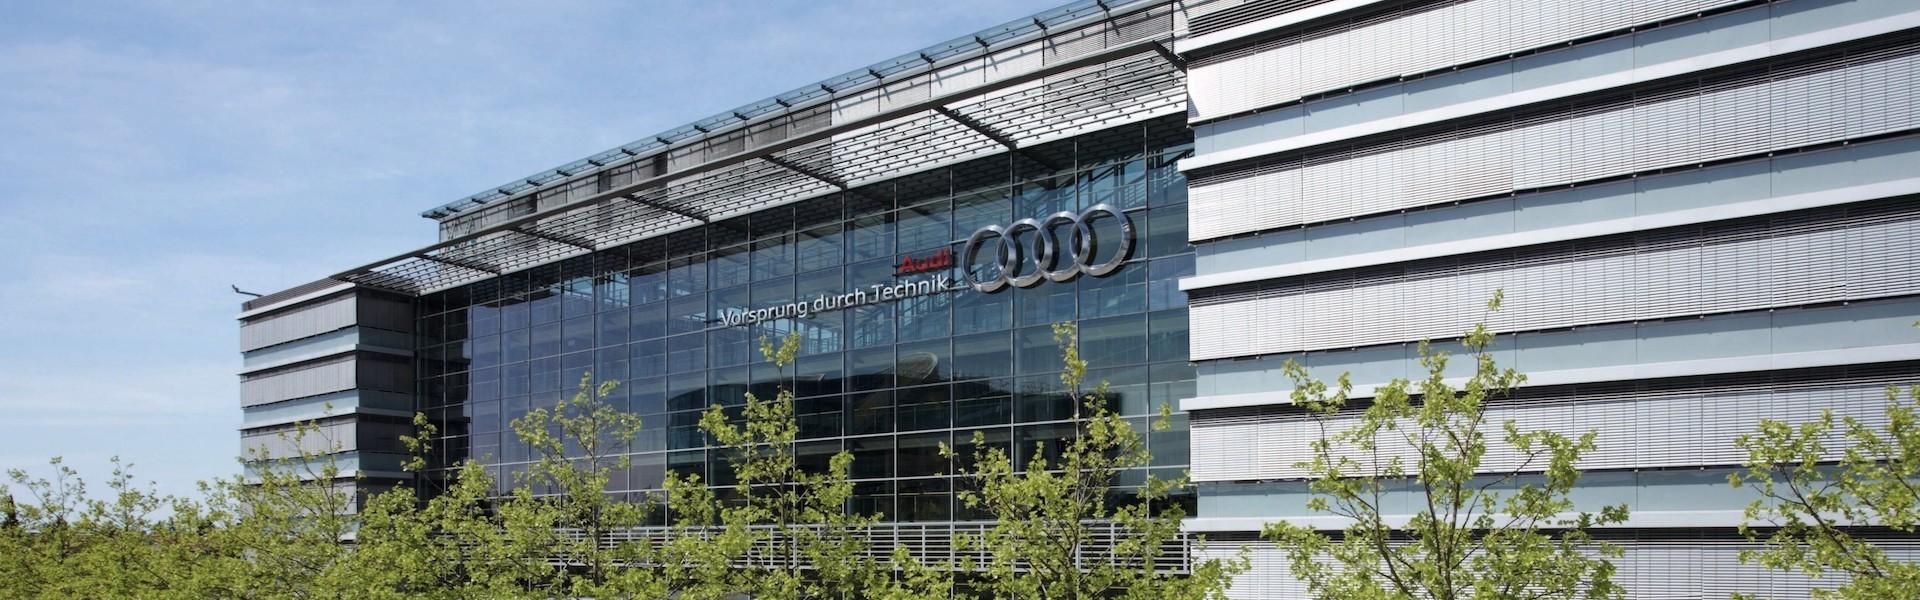 podjetje Audi